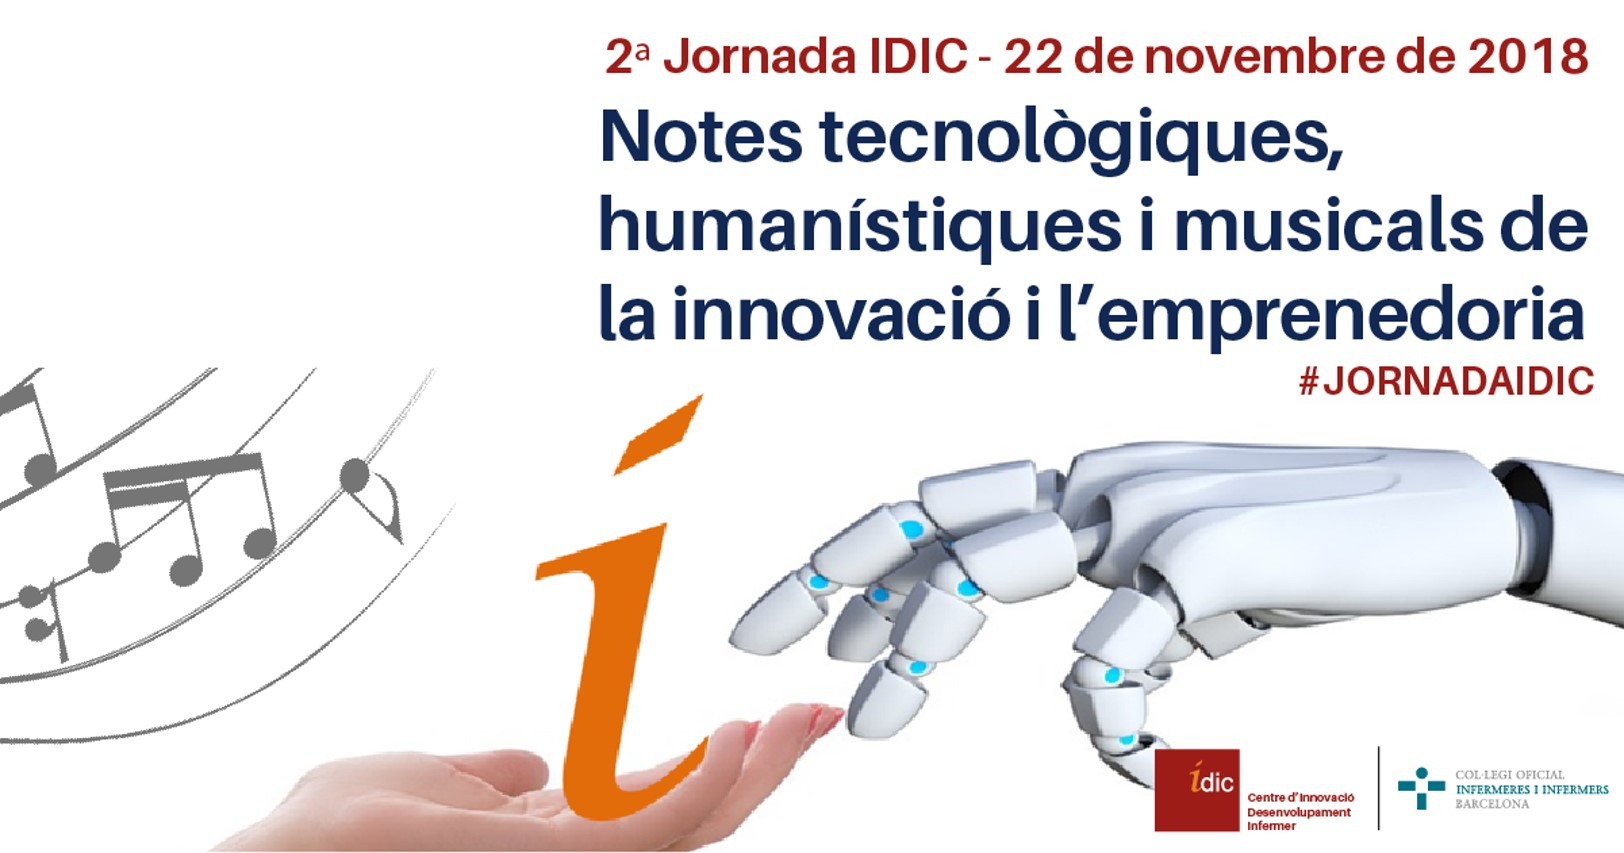 2a Jornada ÍDIC: Notes tecnològiques, humanístiques i musicals de la innovació i l'emprenedoria